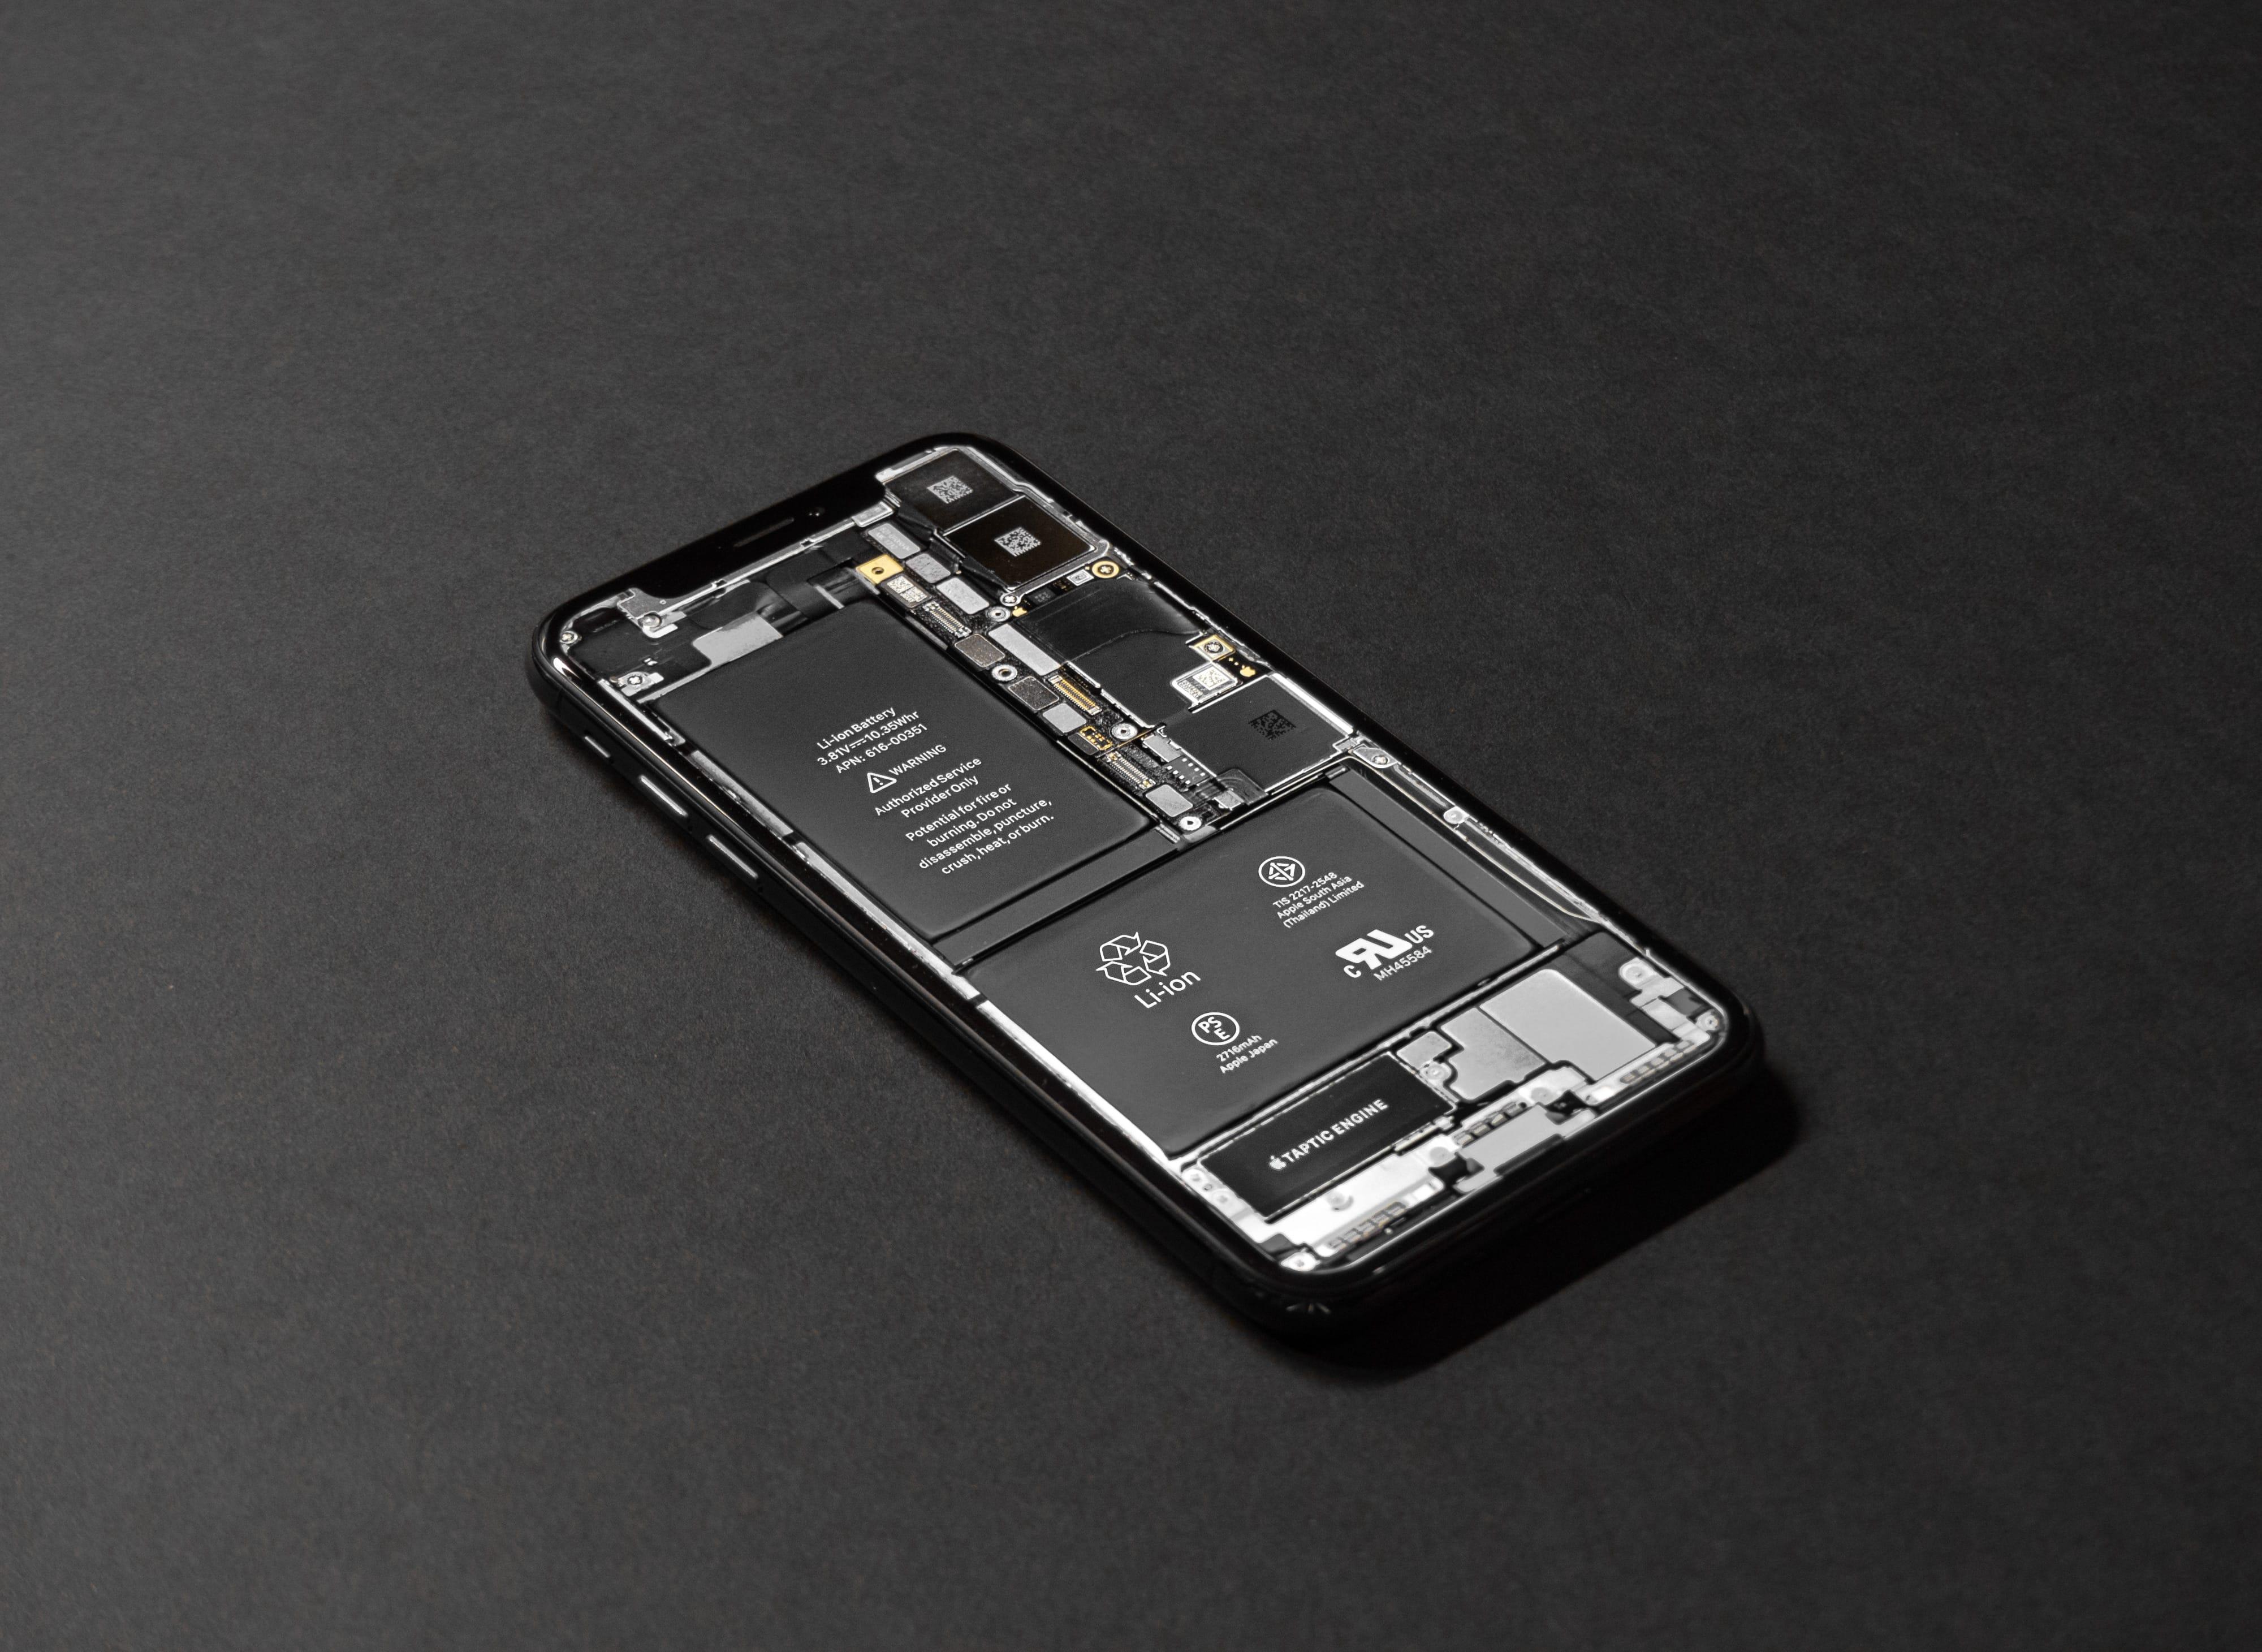 iPhone com componentes expostos (bateria)